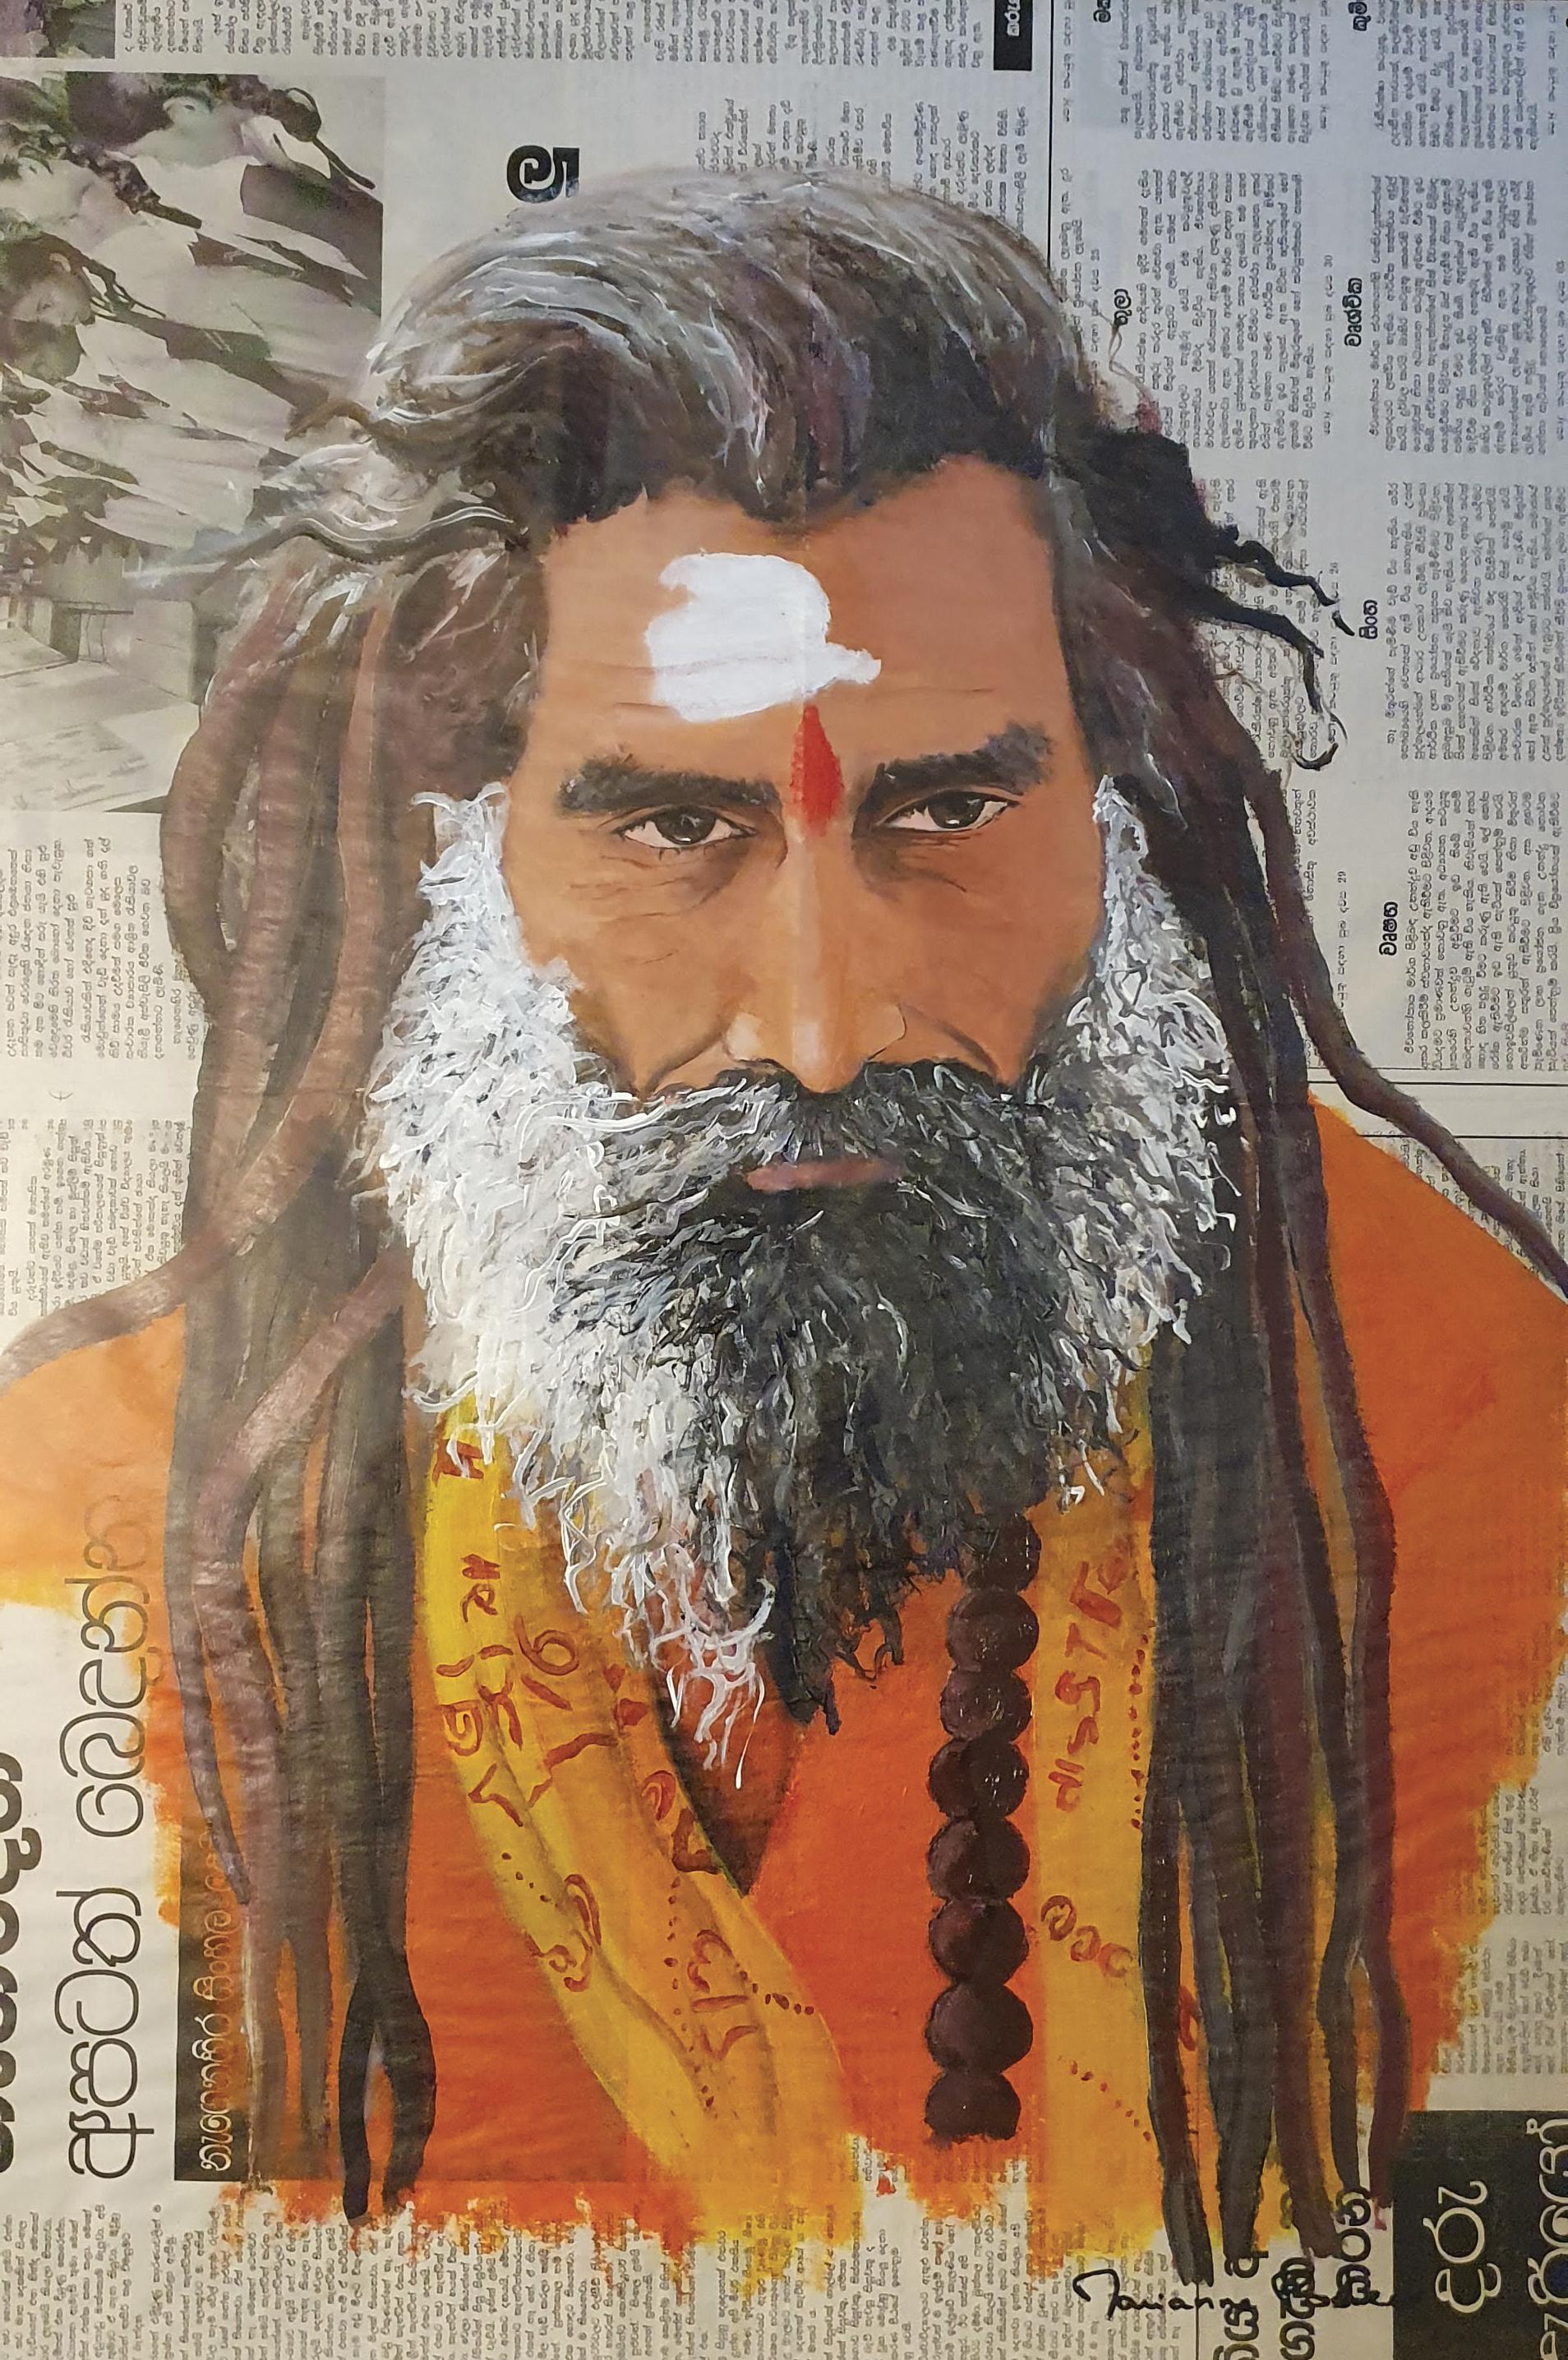 INDE - Sadhu